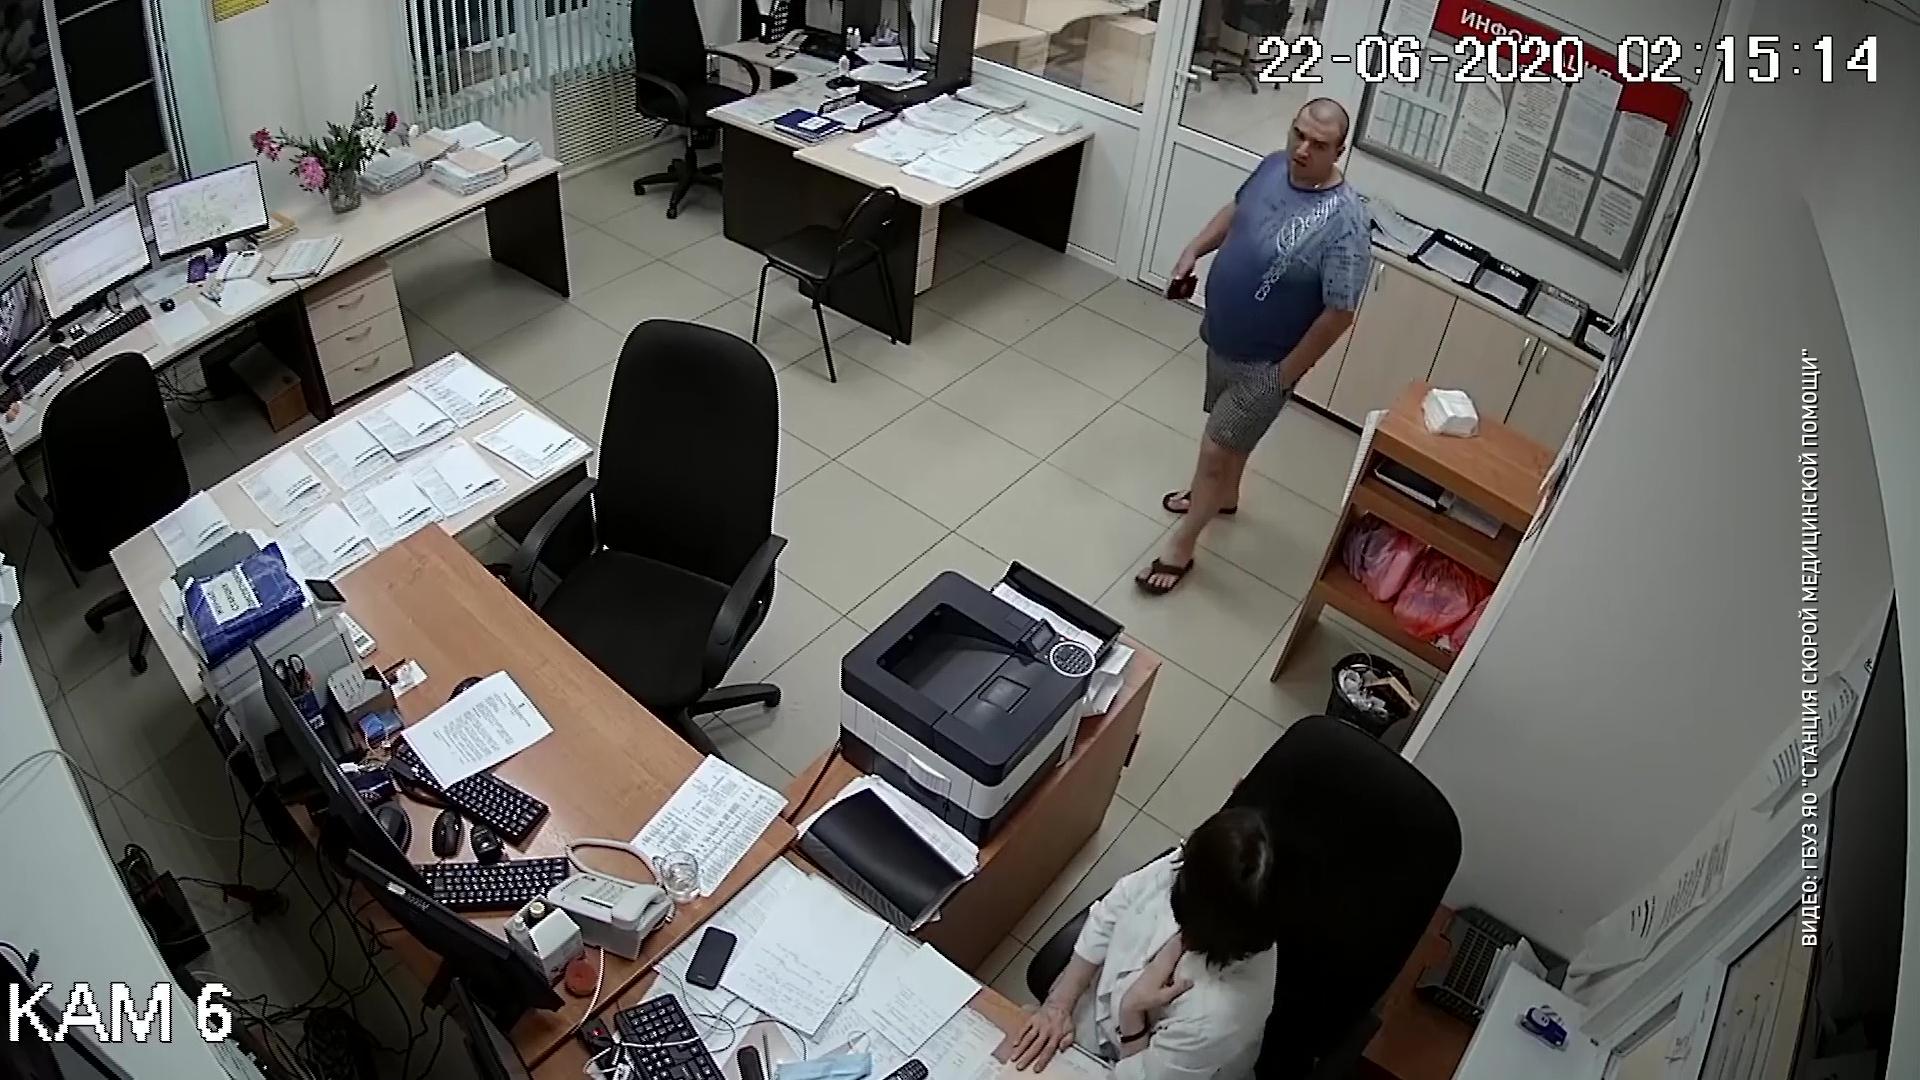 Позвонил 13 раз и угрожал всех убить: на станцию скорой помощи Ярославля напал пьяный мужчина